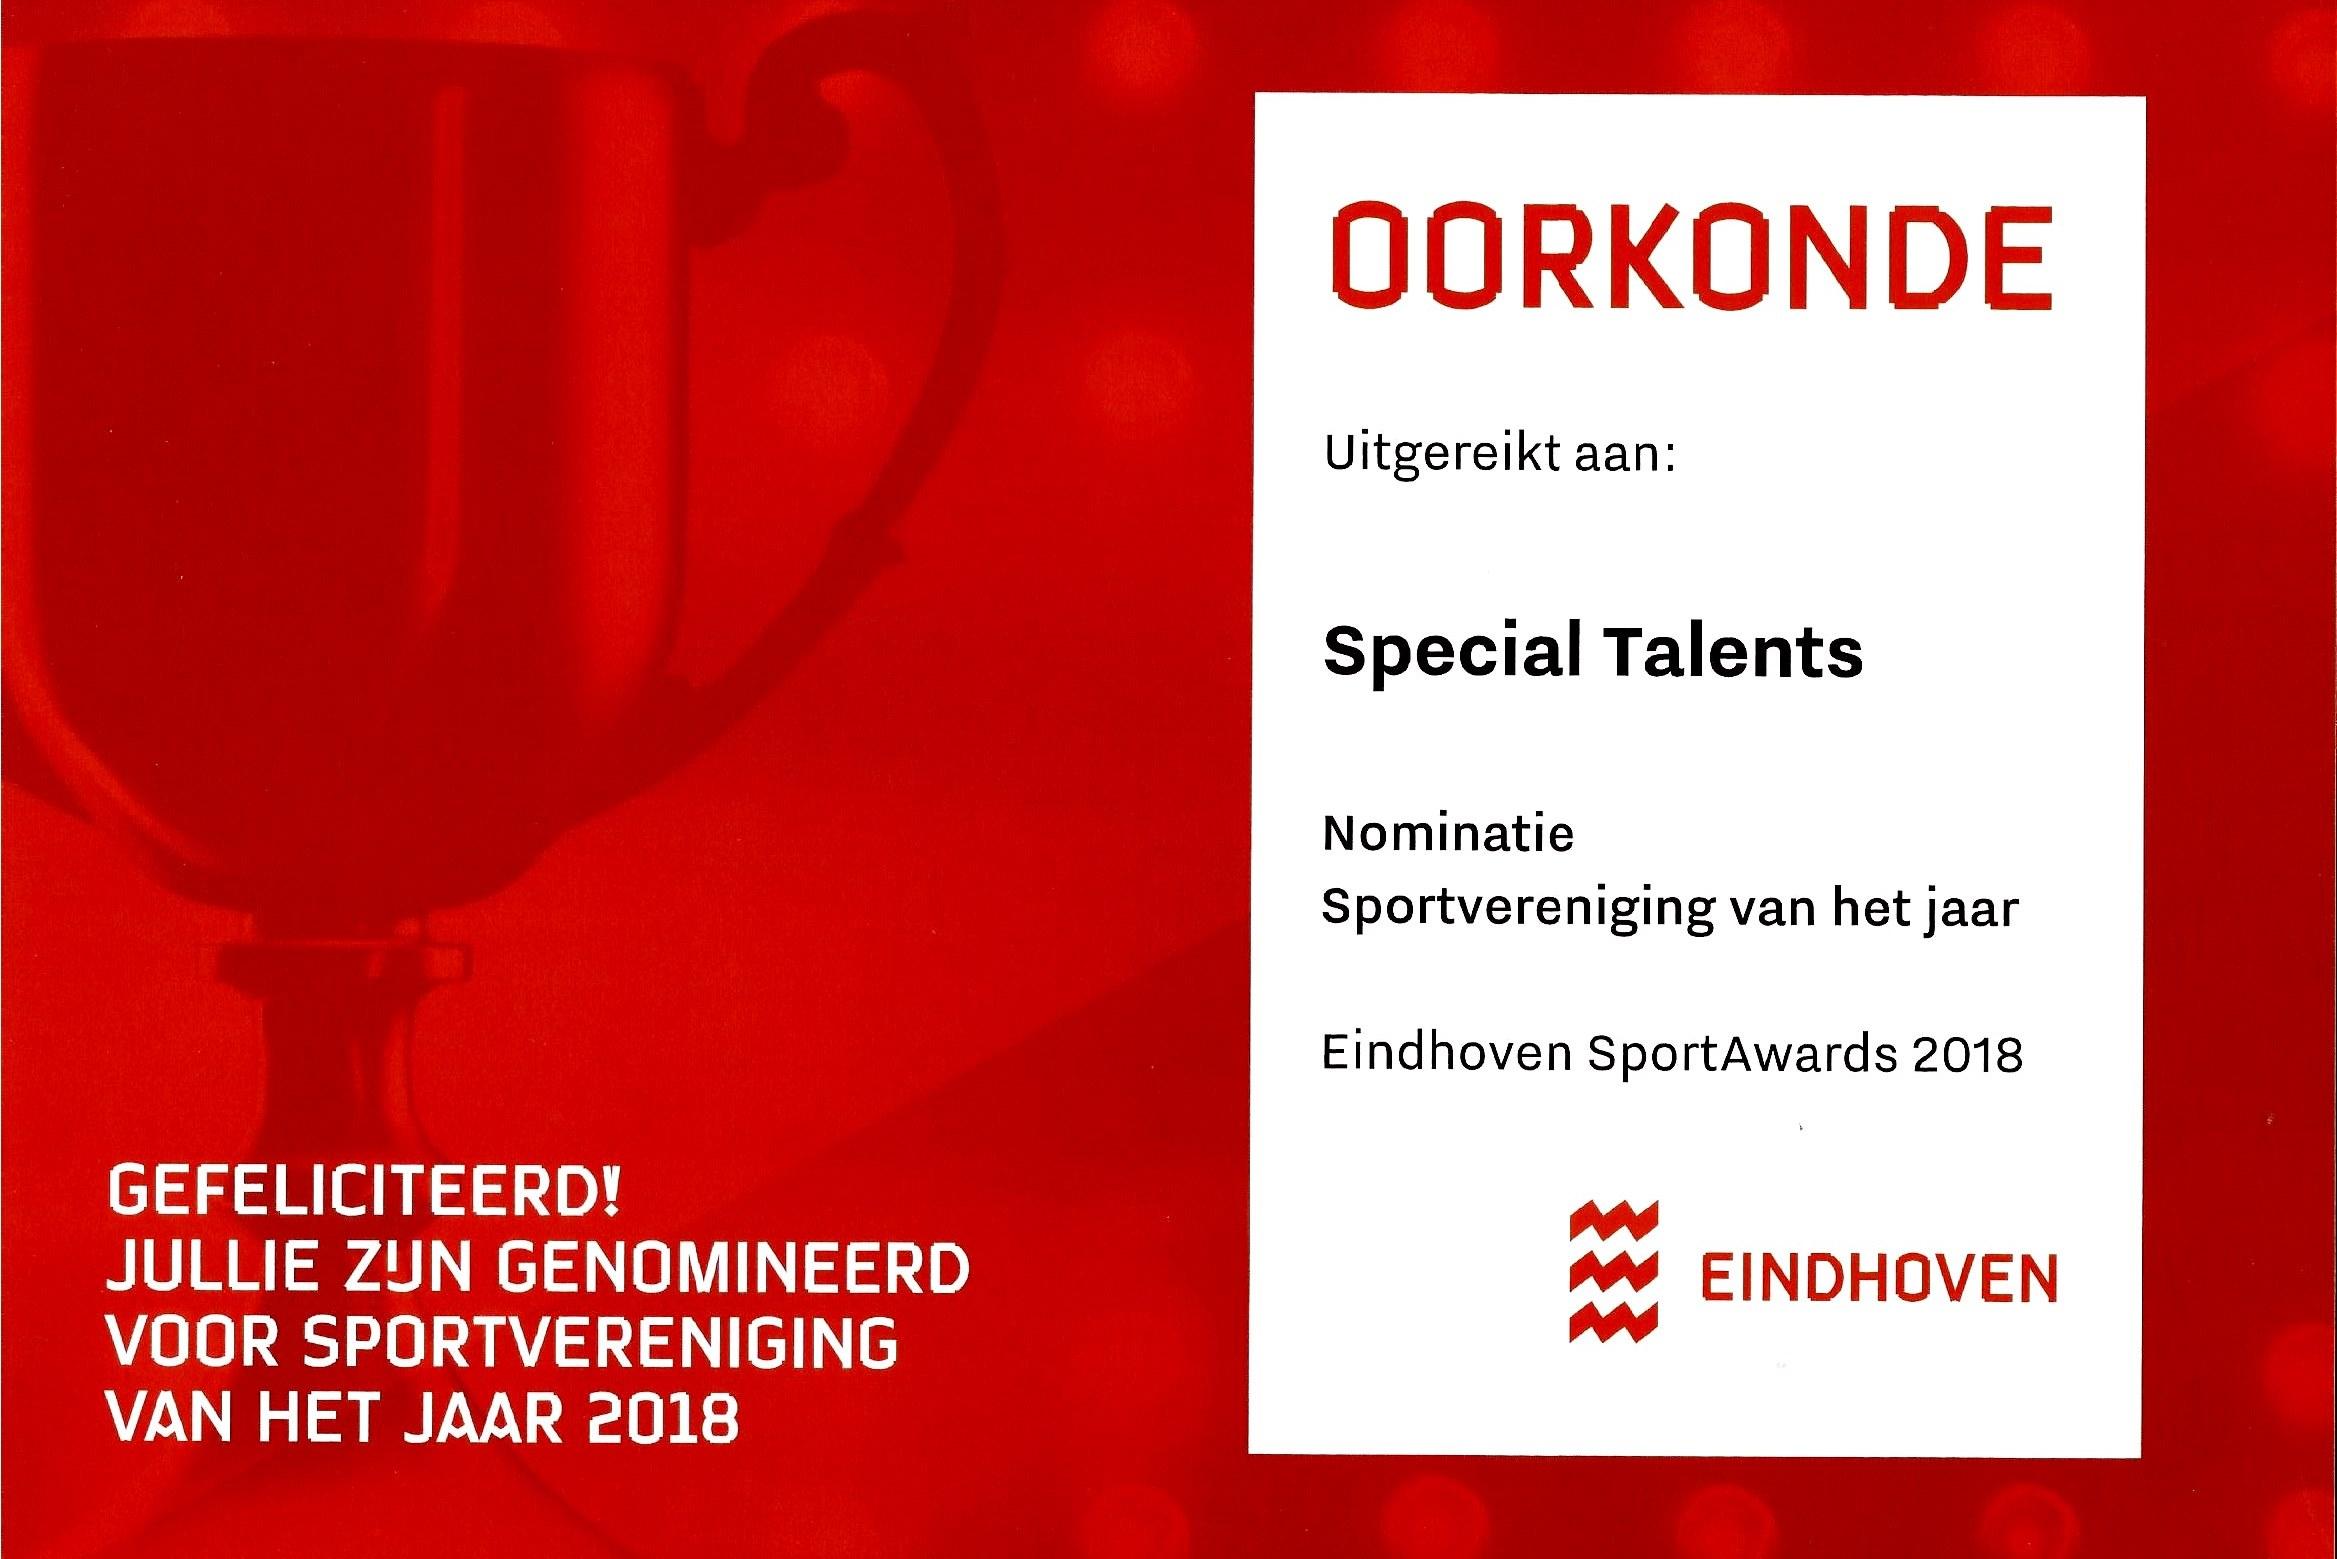 Genomineerd voor Sportvereniging van het jaar